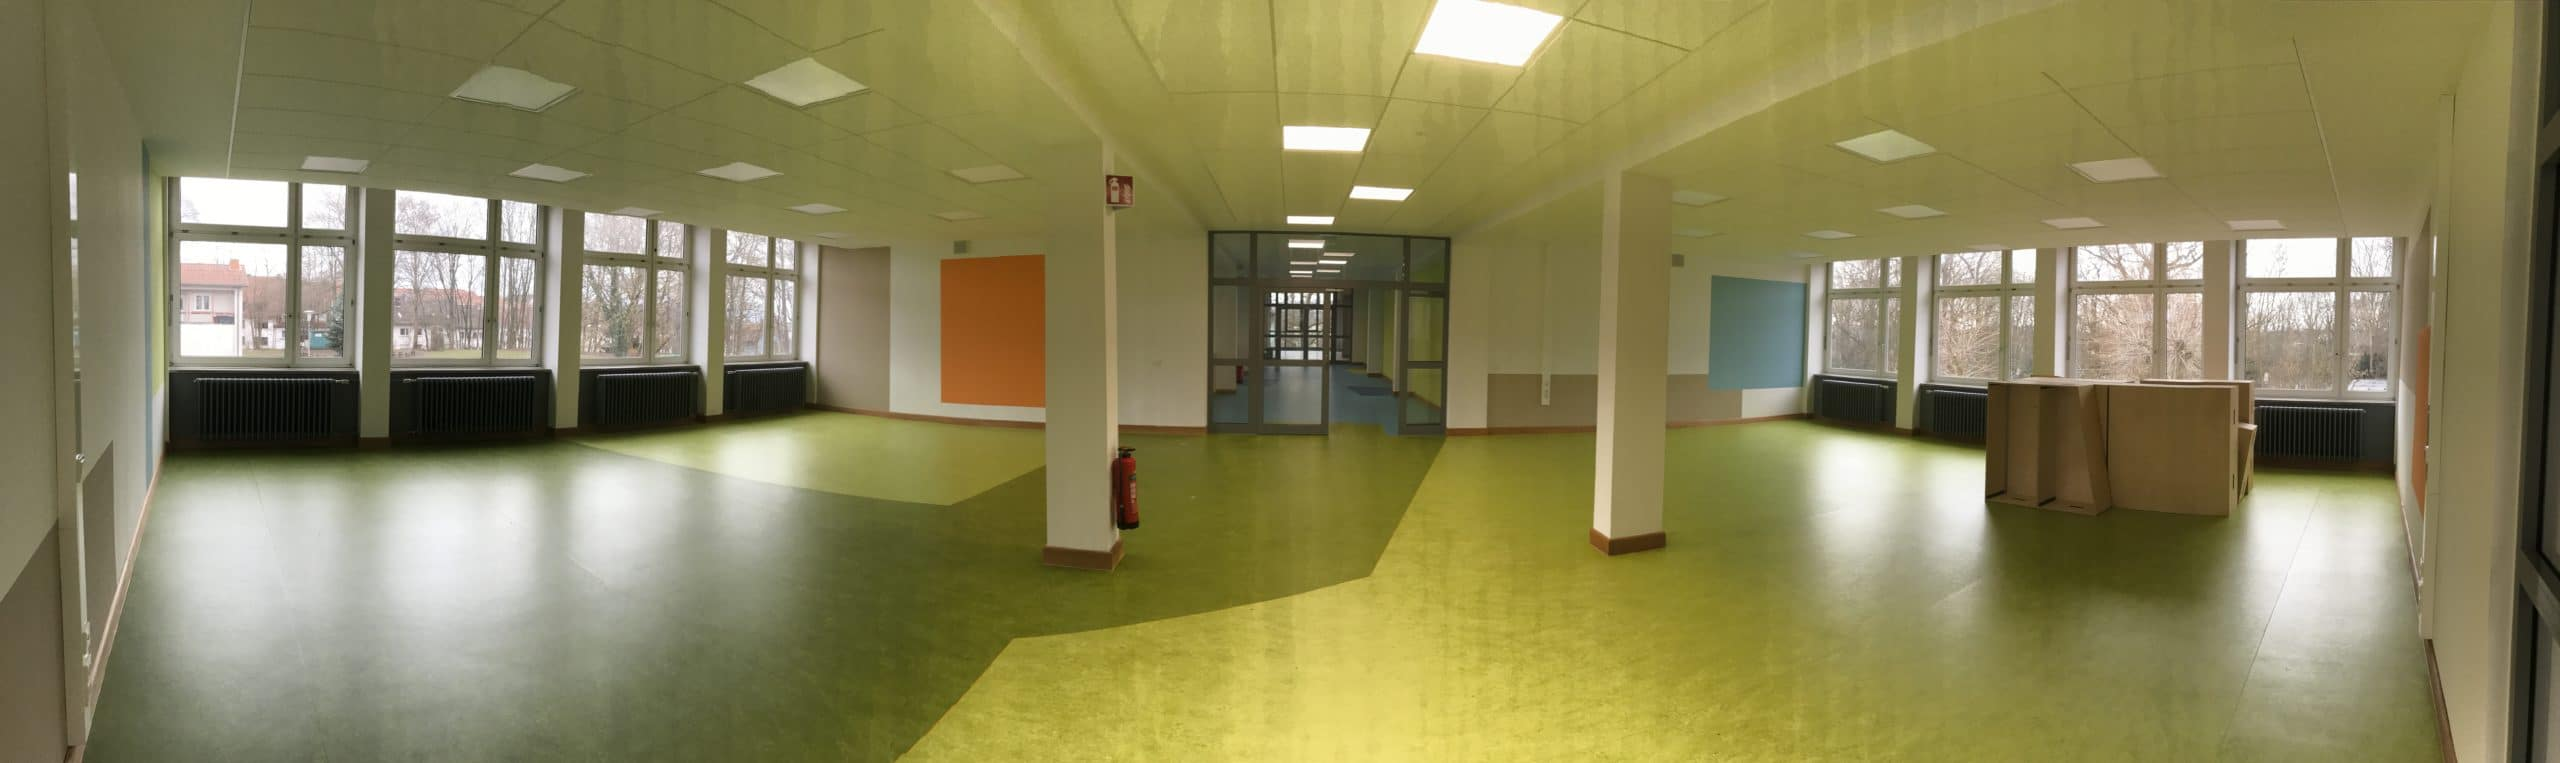 <b>Gemeinschaftsschule Saarbrücken - Ludwigspark</b>